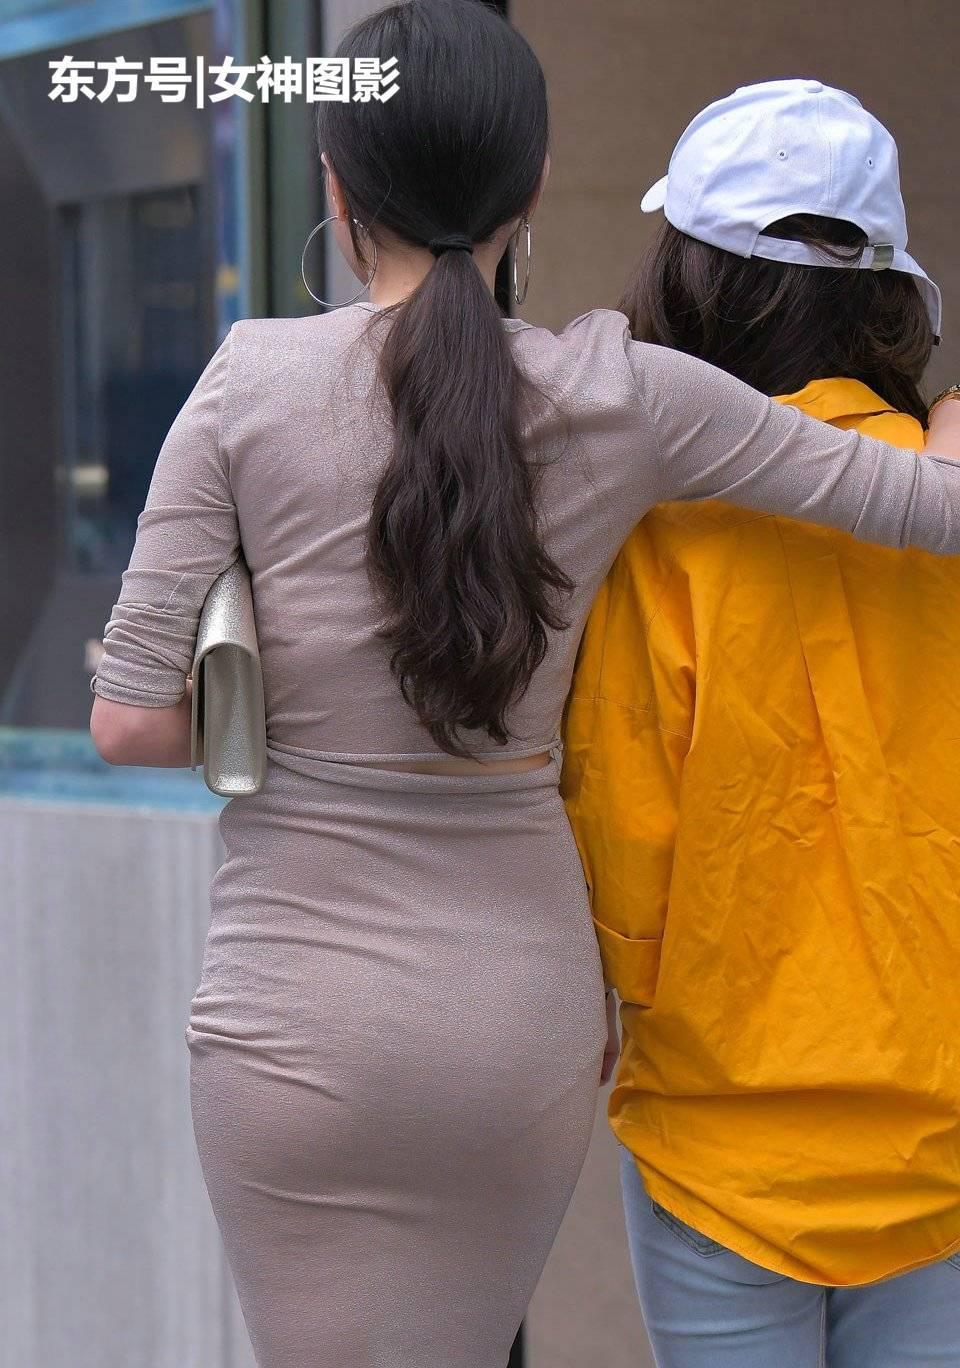 街拍身材:大姐两美女拍人被有型的紧身,美女裙很亮眼!